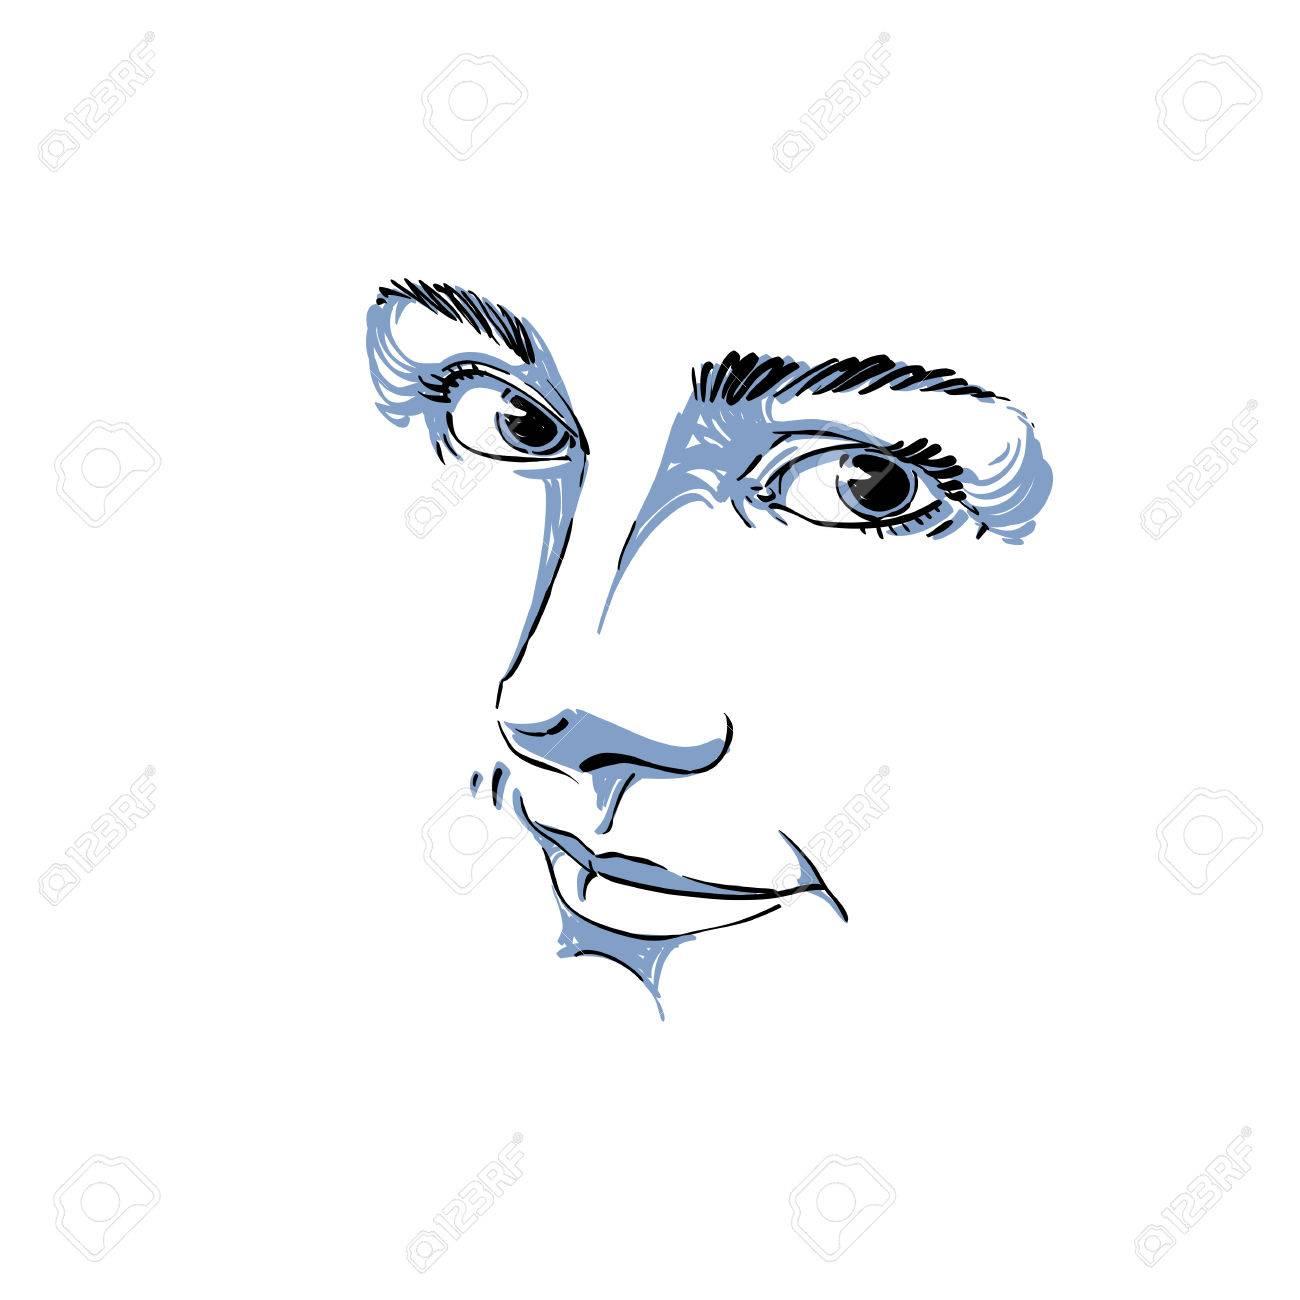 Monochrome Portrait De Délicate Bonne Mine Rêveuse Encore Femme Noir Et Blanc Dessin Vectoriel Idée Image Expressions émotionnelles Traits Du